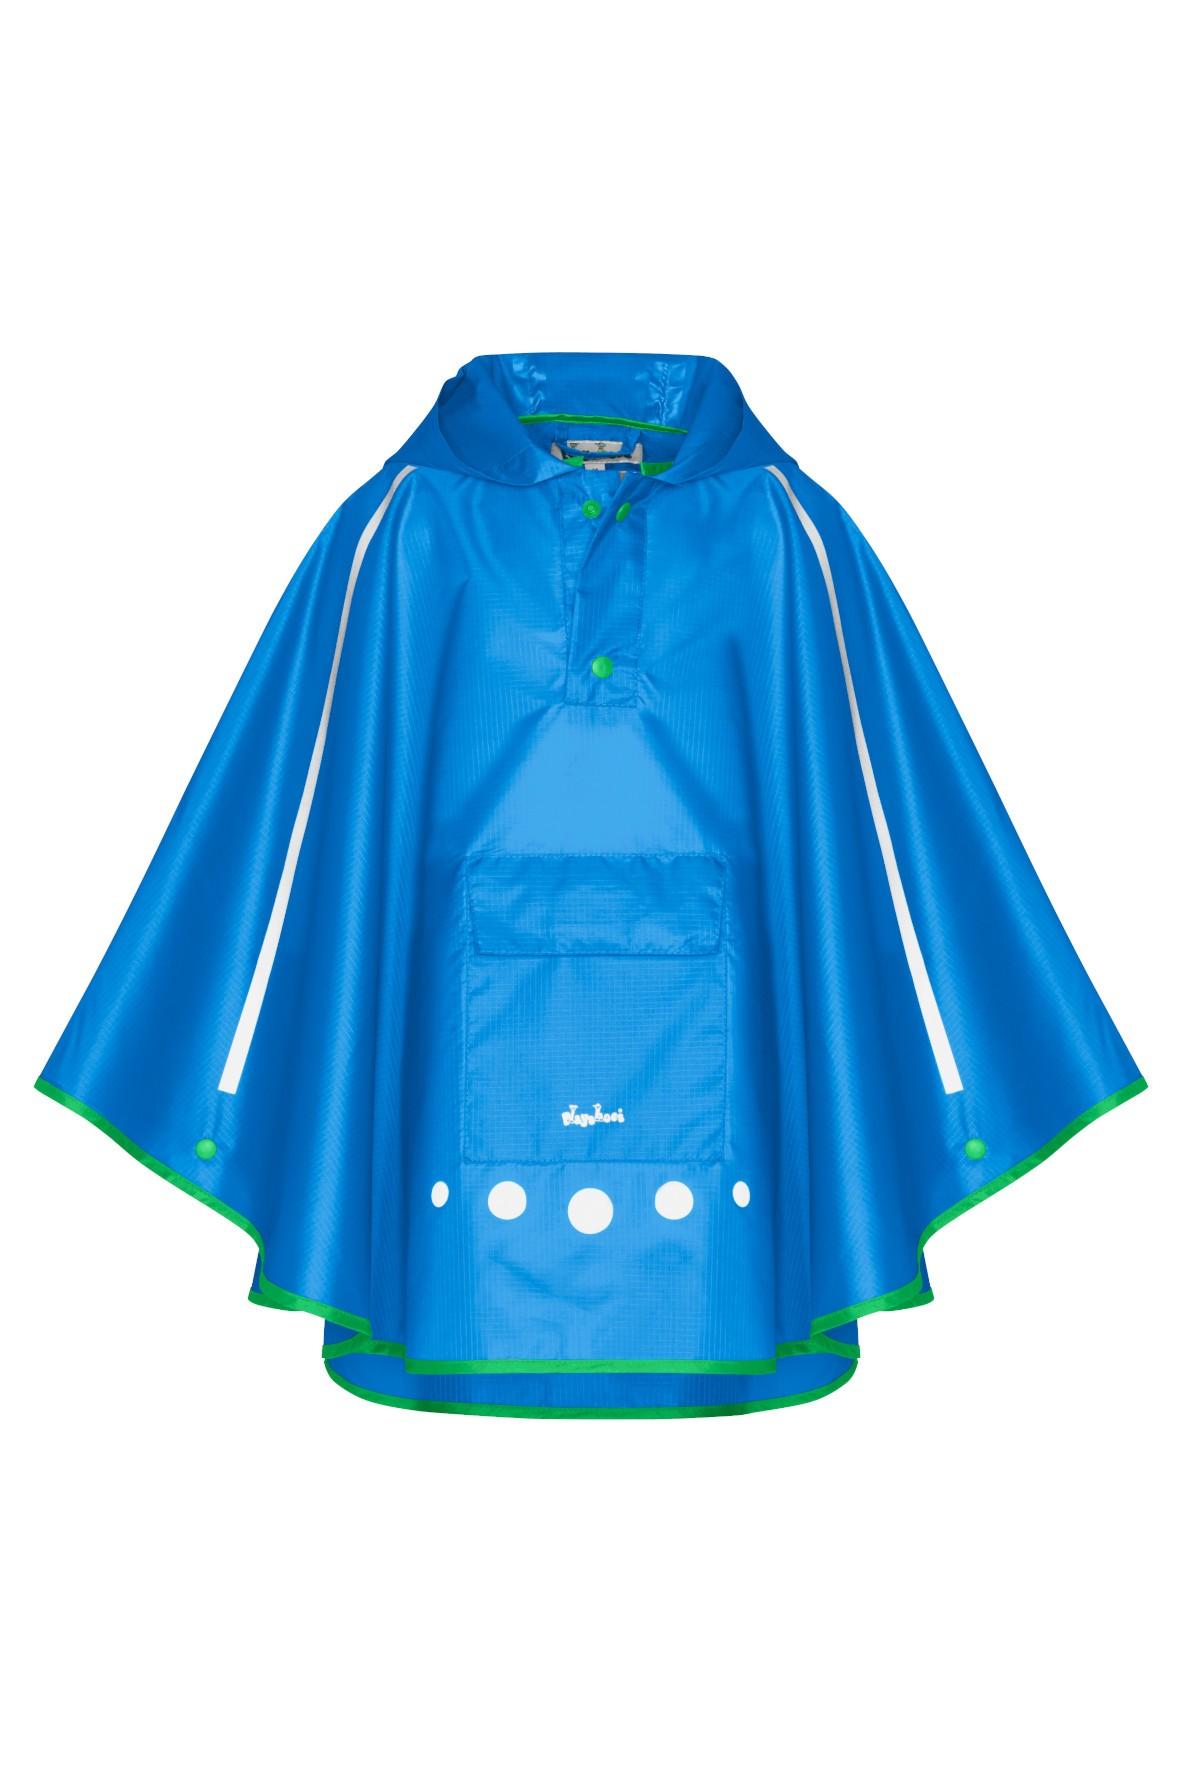 Poncho przeciwdeszczowe składane do torebki niebieski